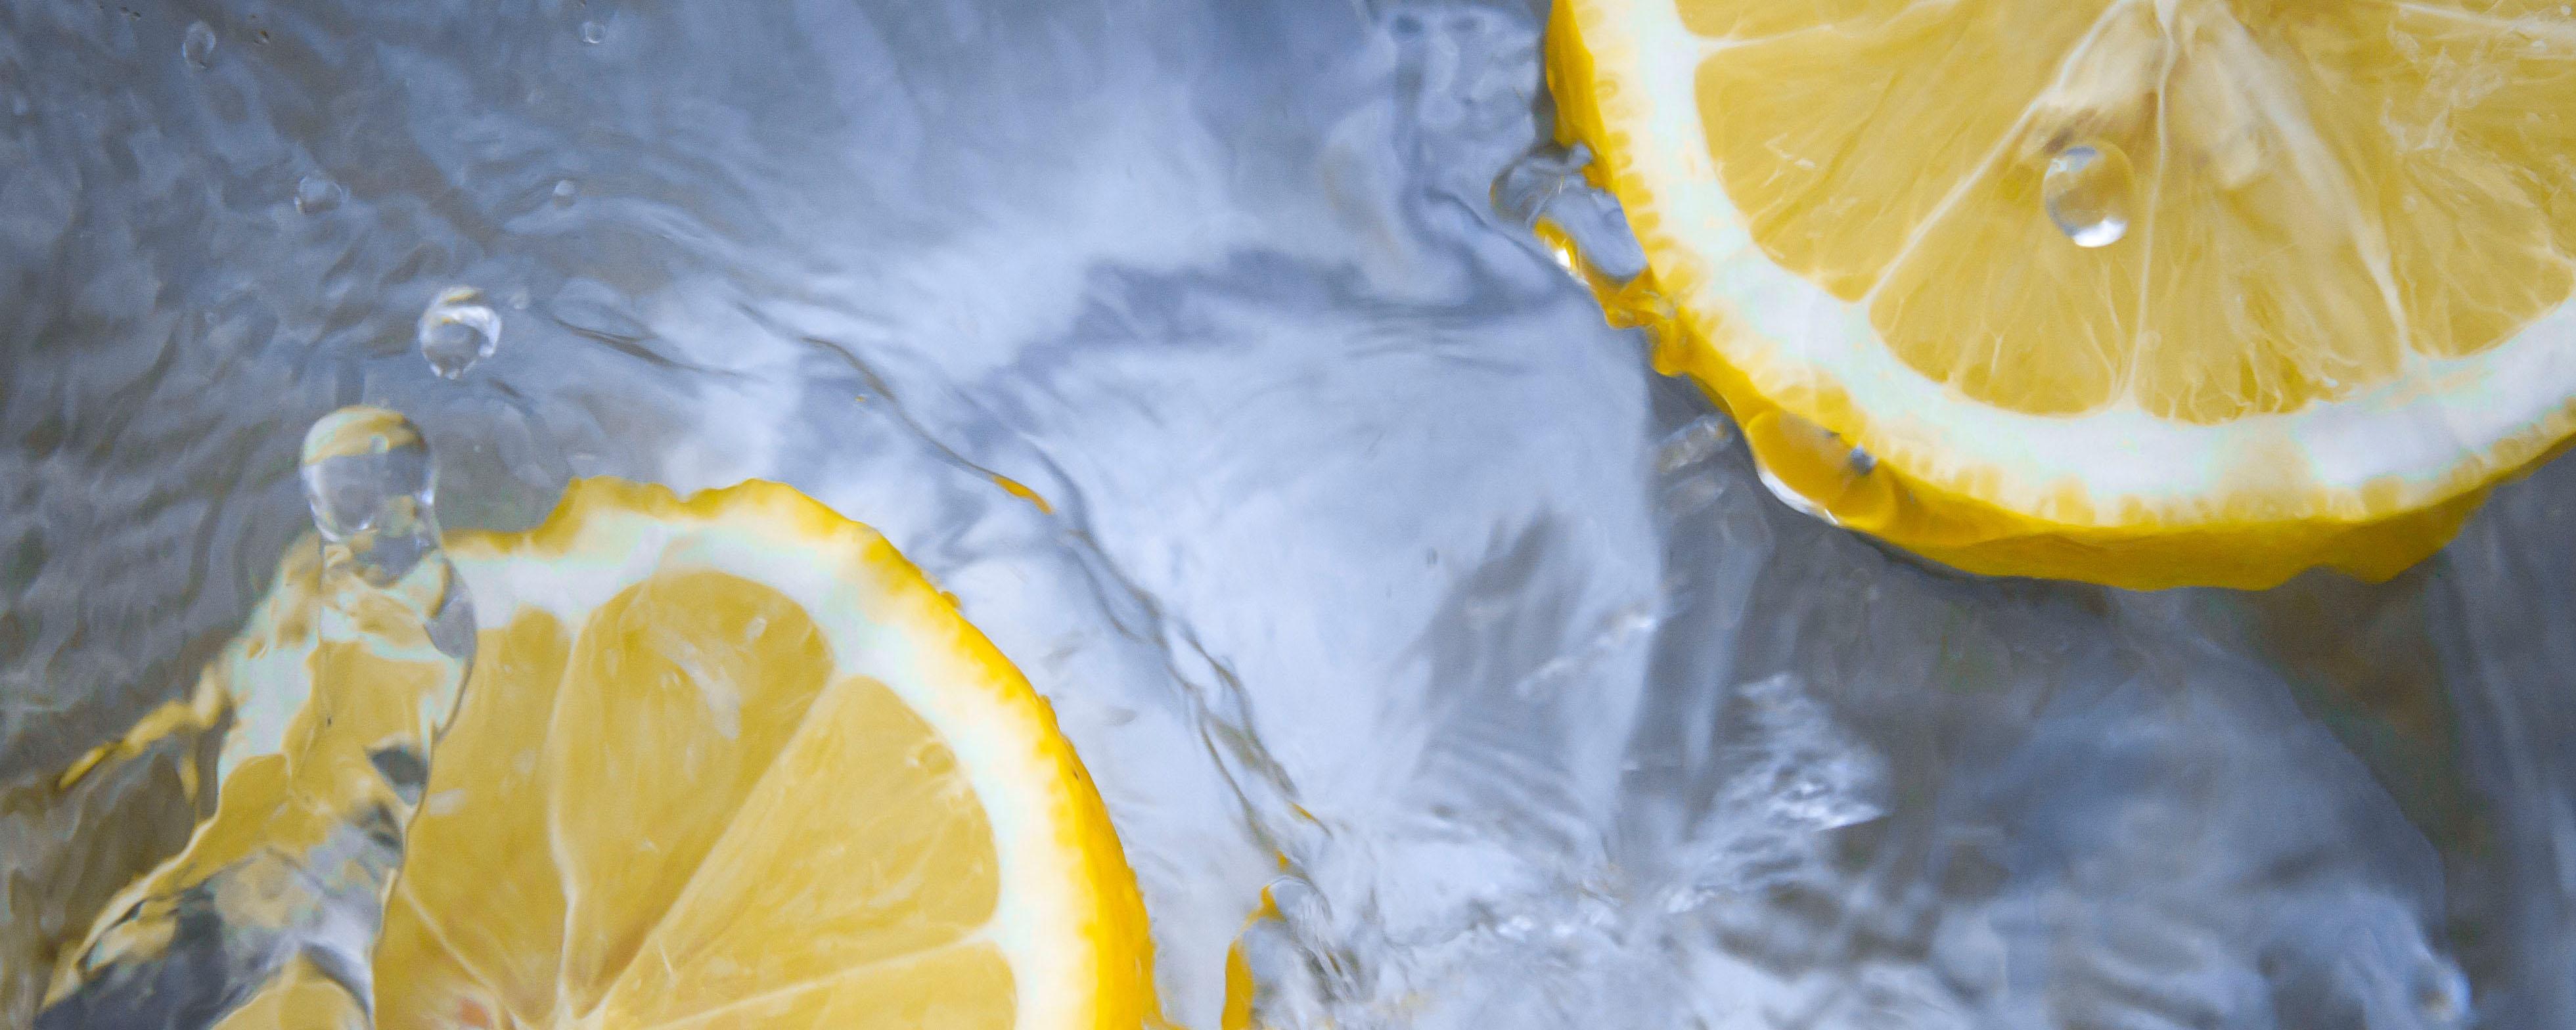 lemon cleaning.jpg